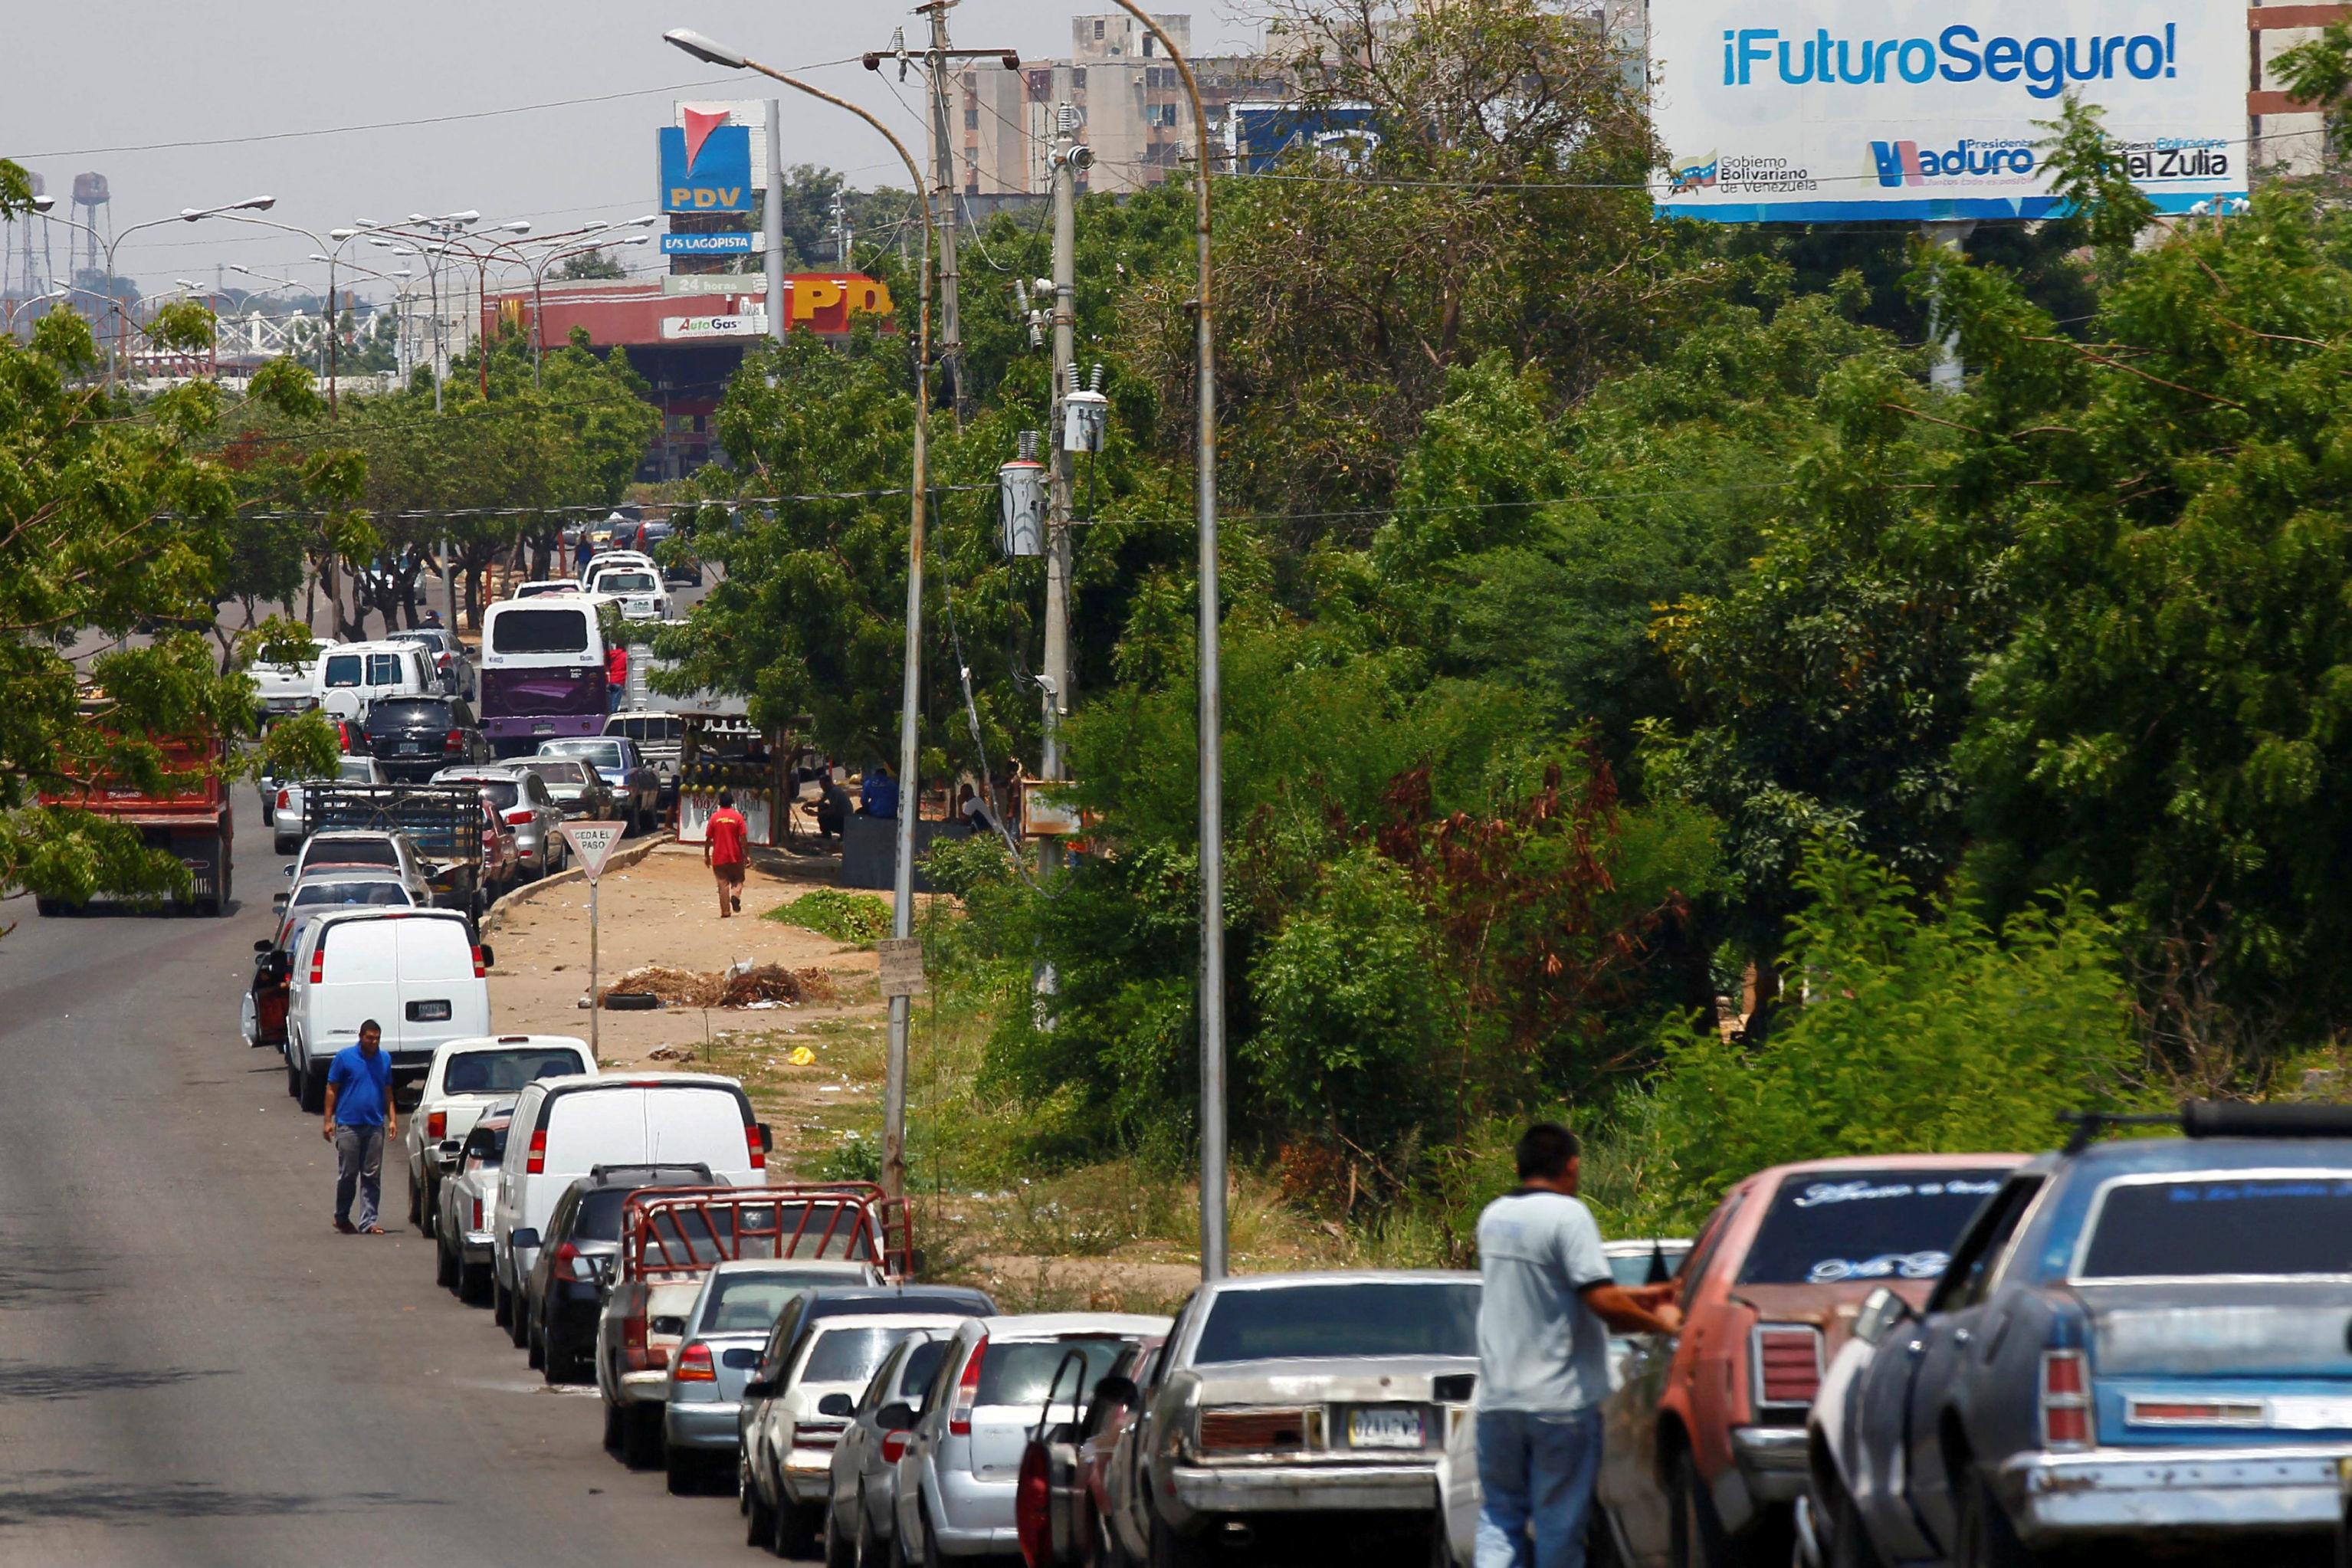 Los medios suelen hacerse eco de desabastecimientos de gasolina en el oeste de Venezuela y muestran escenas como esta en Maracaibo, pero rara vez indagan en las causas externas a Venezuela, como el bloqueo de EEUU a fondos estatales de Caracas o el contrabando hacia Colombia